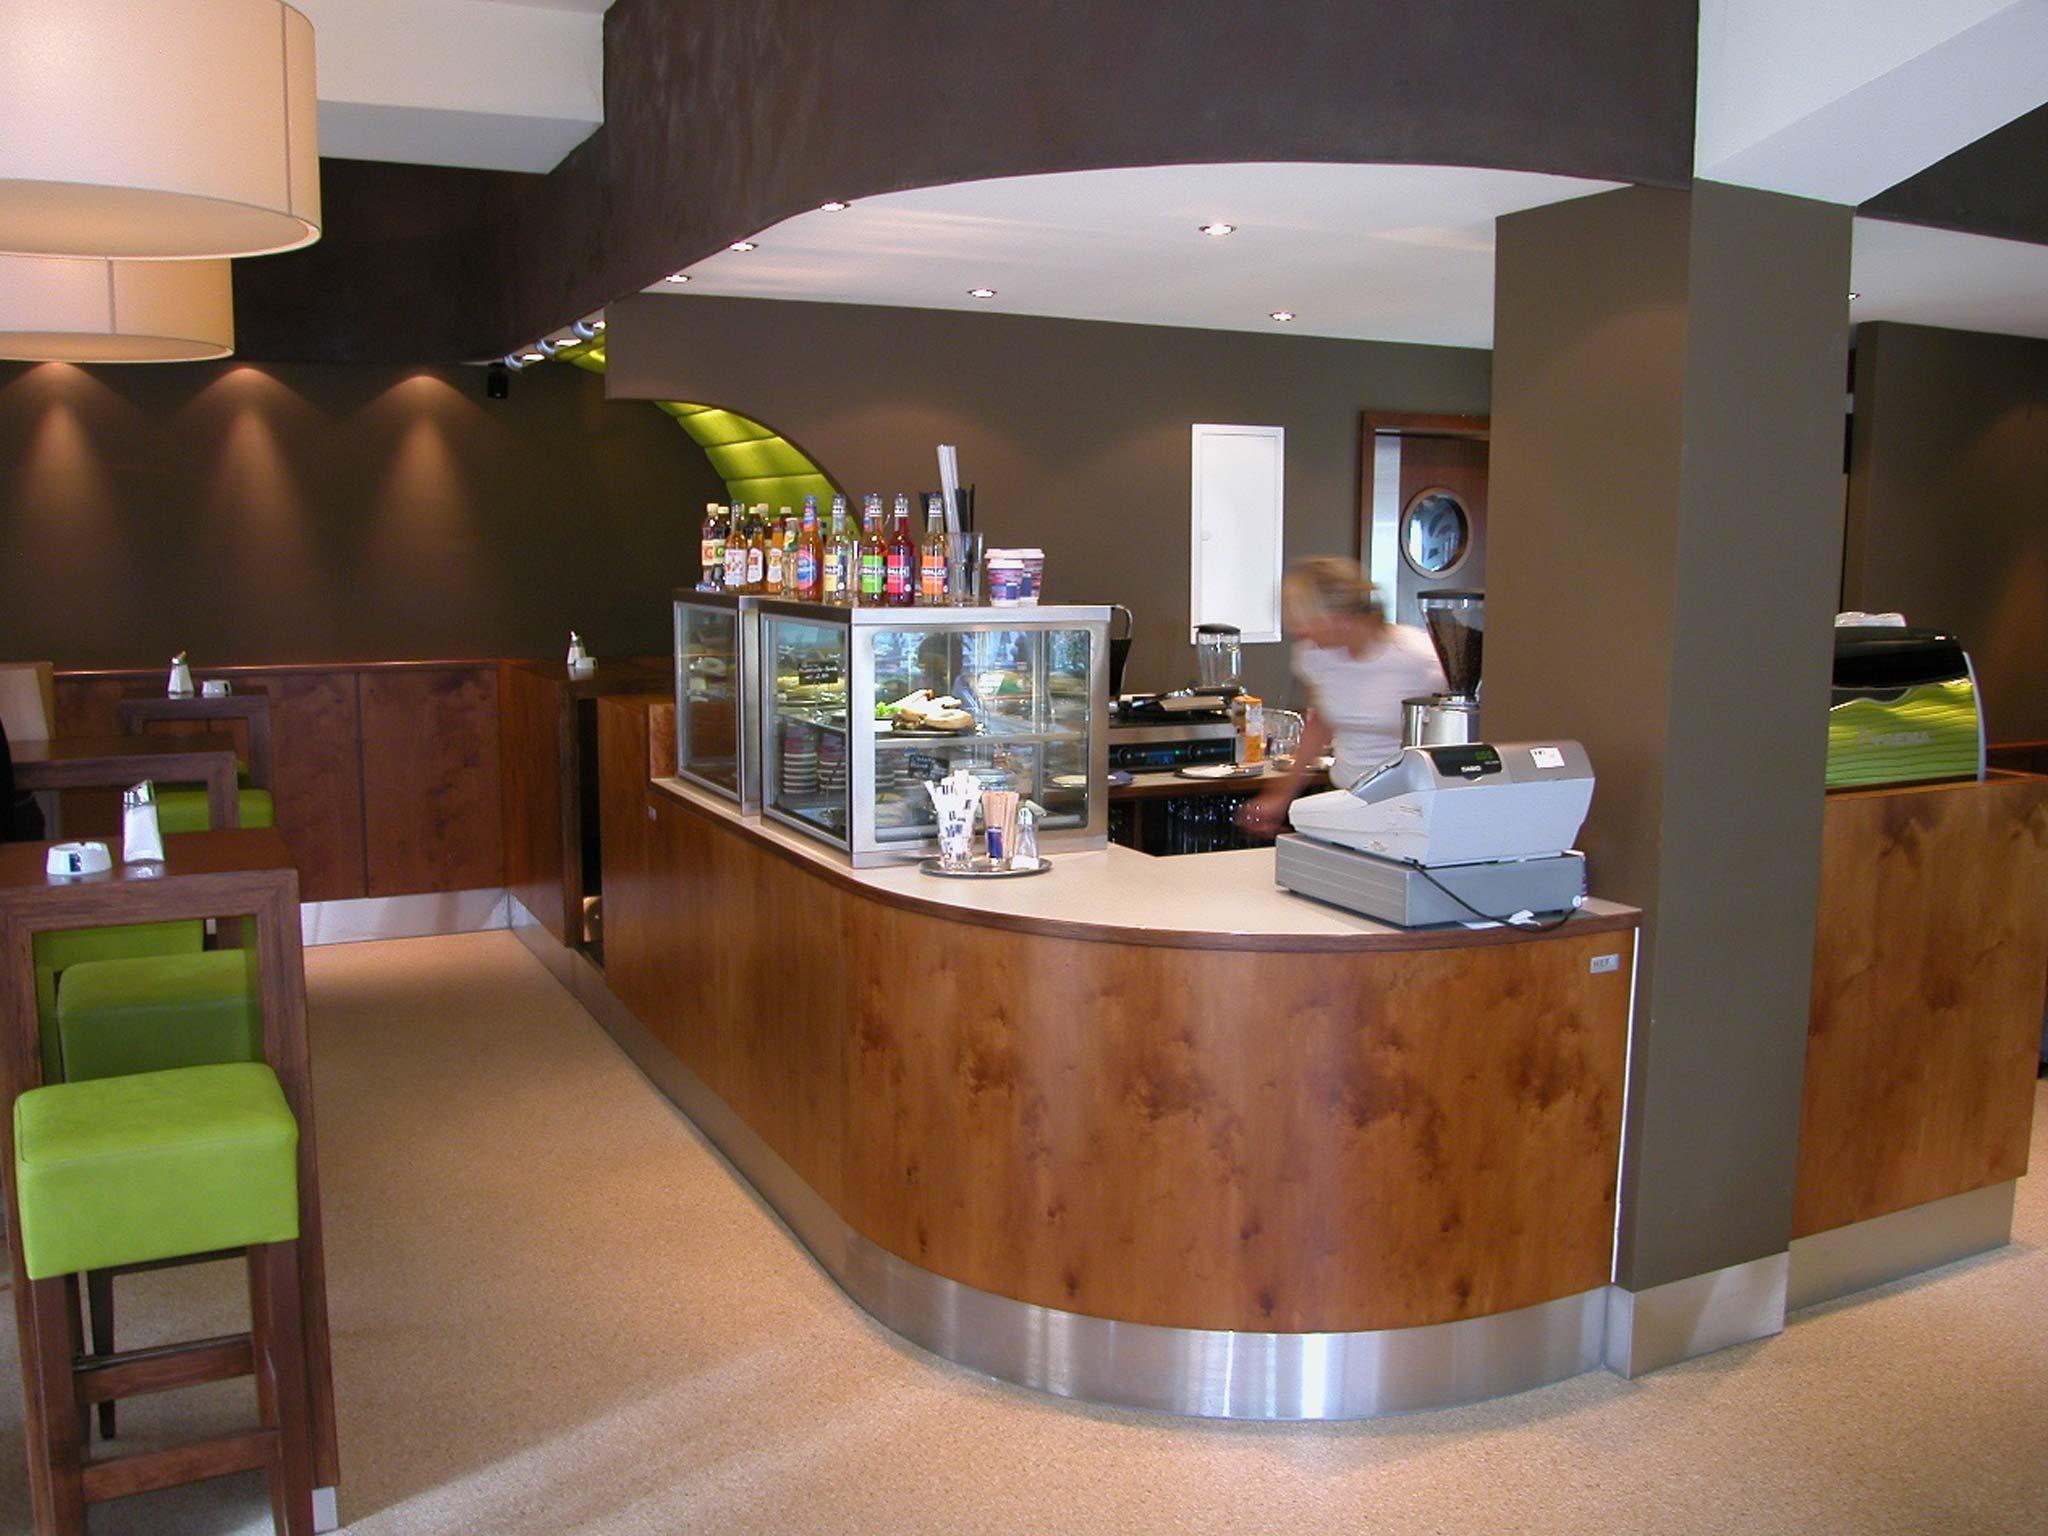 Cafe in Hanau